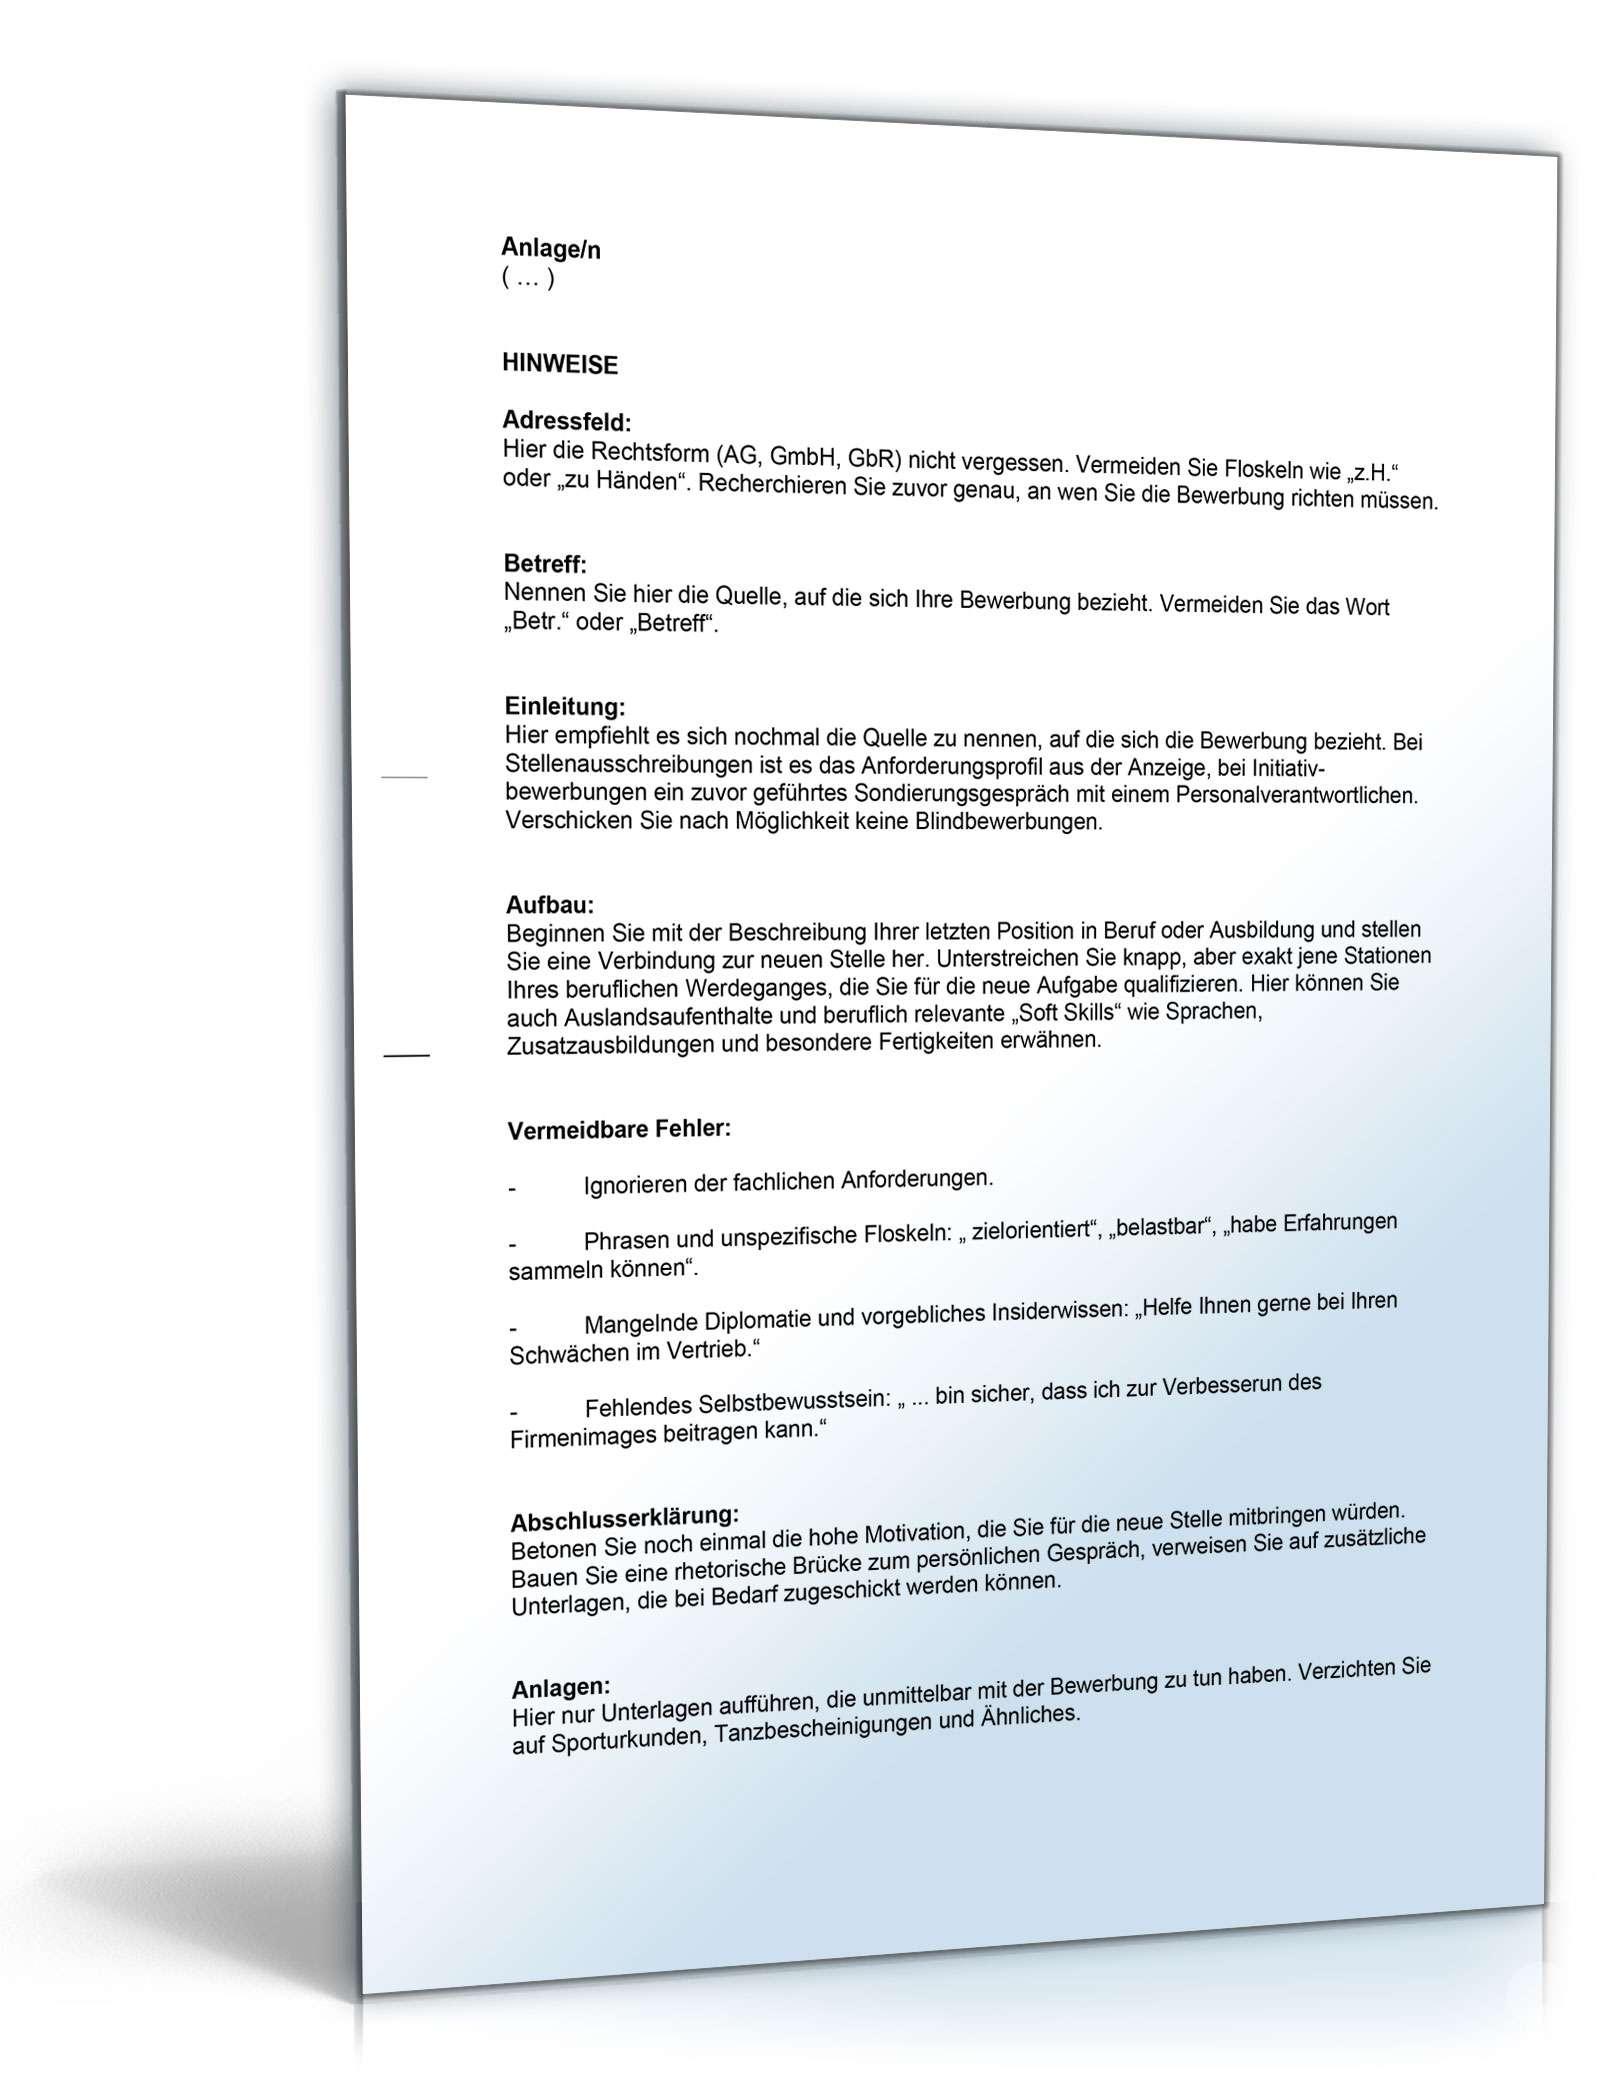 anschreiben bewerbung sozialpdagoge muster zum download 13 bewerbung anschreiben einleitung - Anschreiben Bewerbung Einleitung